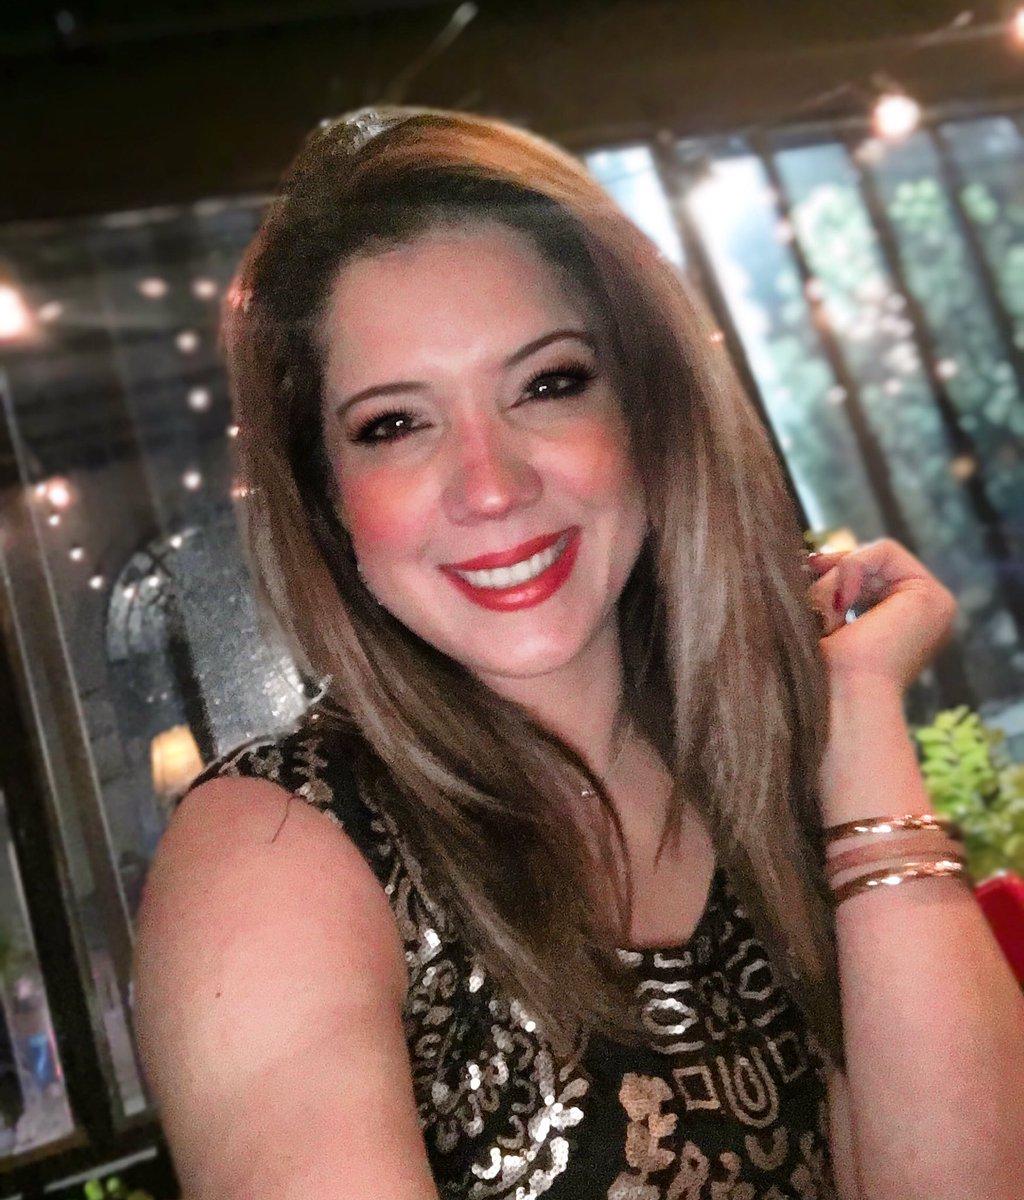 Y de paso le ponemos una sonrisa!....😁😄😃😀😆😊☺️..#felicidad #grabando #amor  #VoiceOver  #Audio #Sound #Publicidad #radio #Televisión #voz #Reel #Demo #actriz #metas #trabajo #vida #mundo #iluciones #sueños #sinfiltro #risas #sonrisa #alegria #barranquilla #bogota